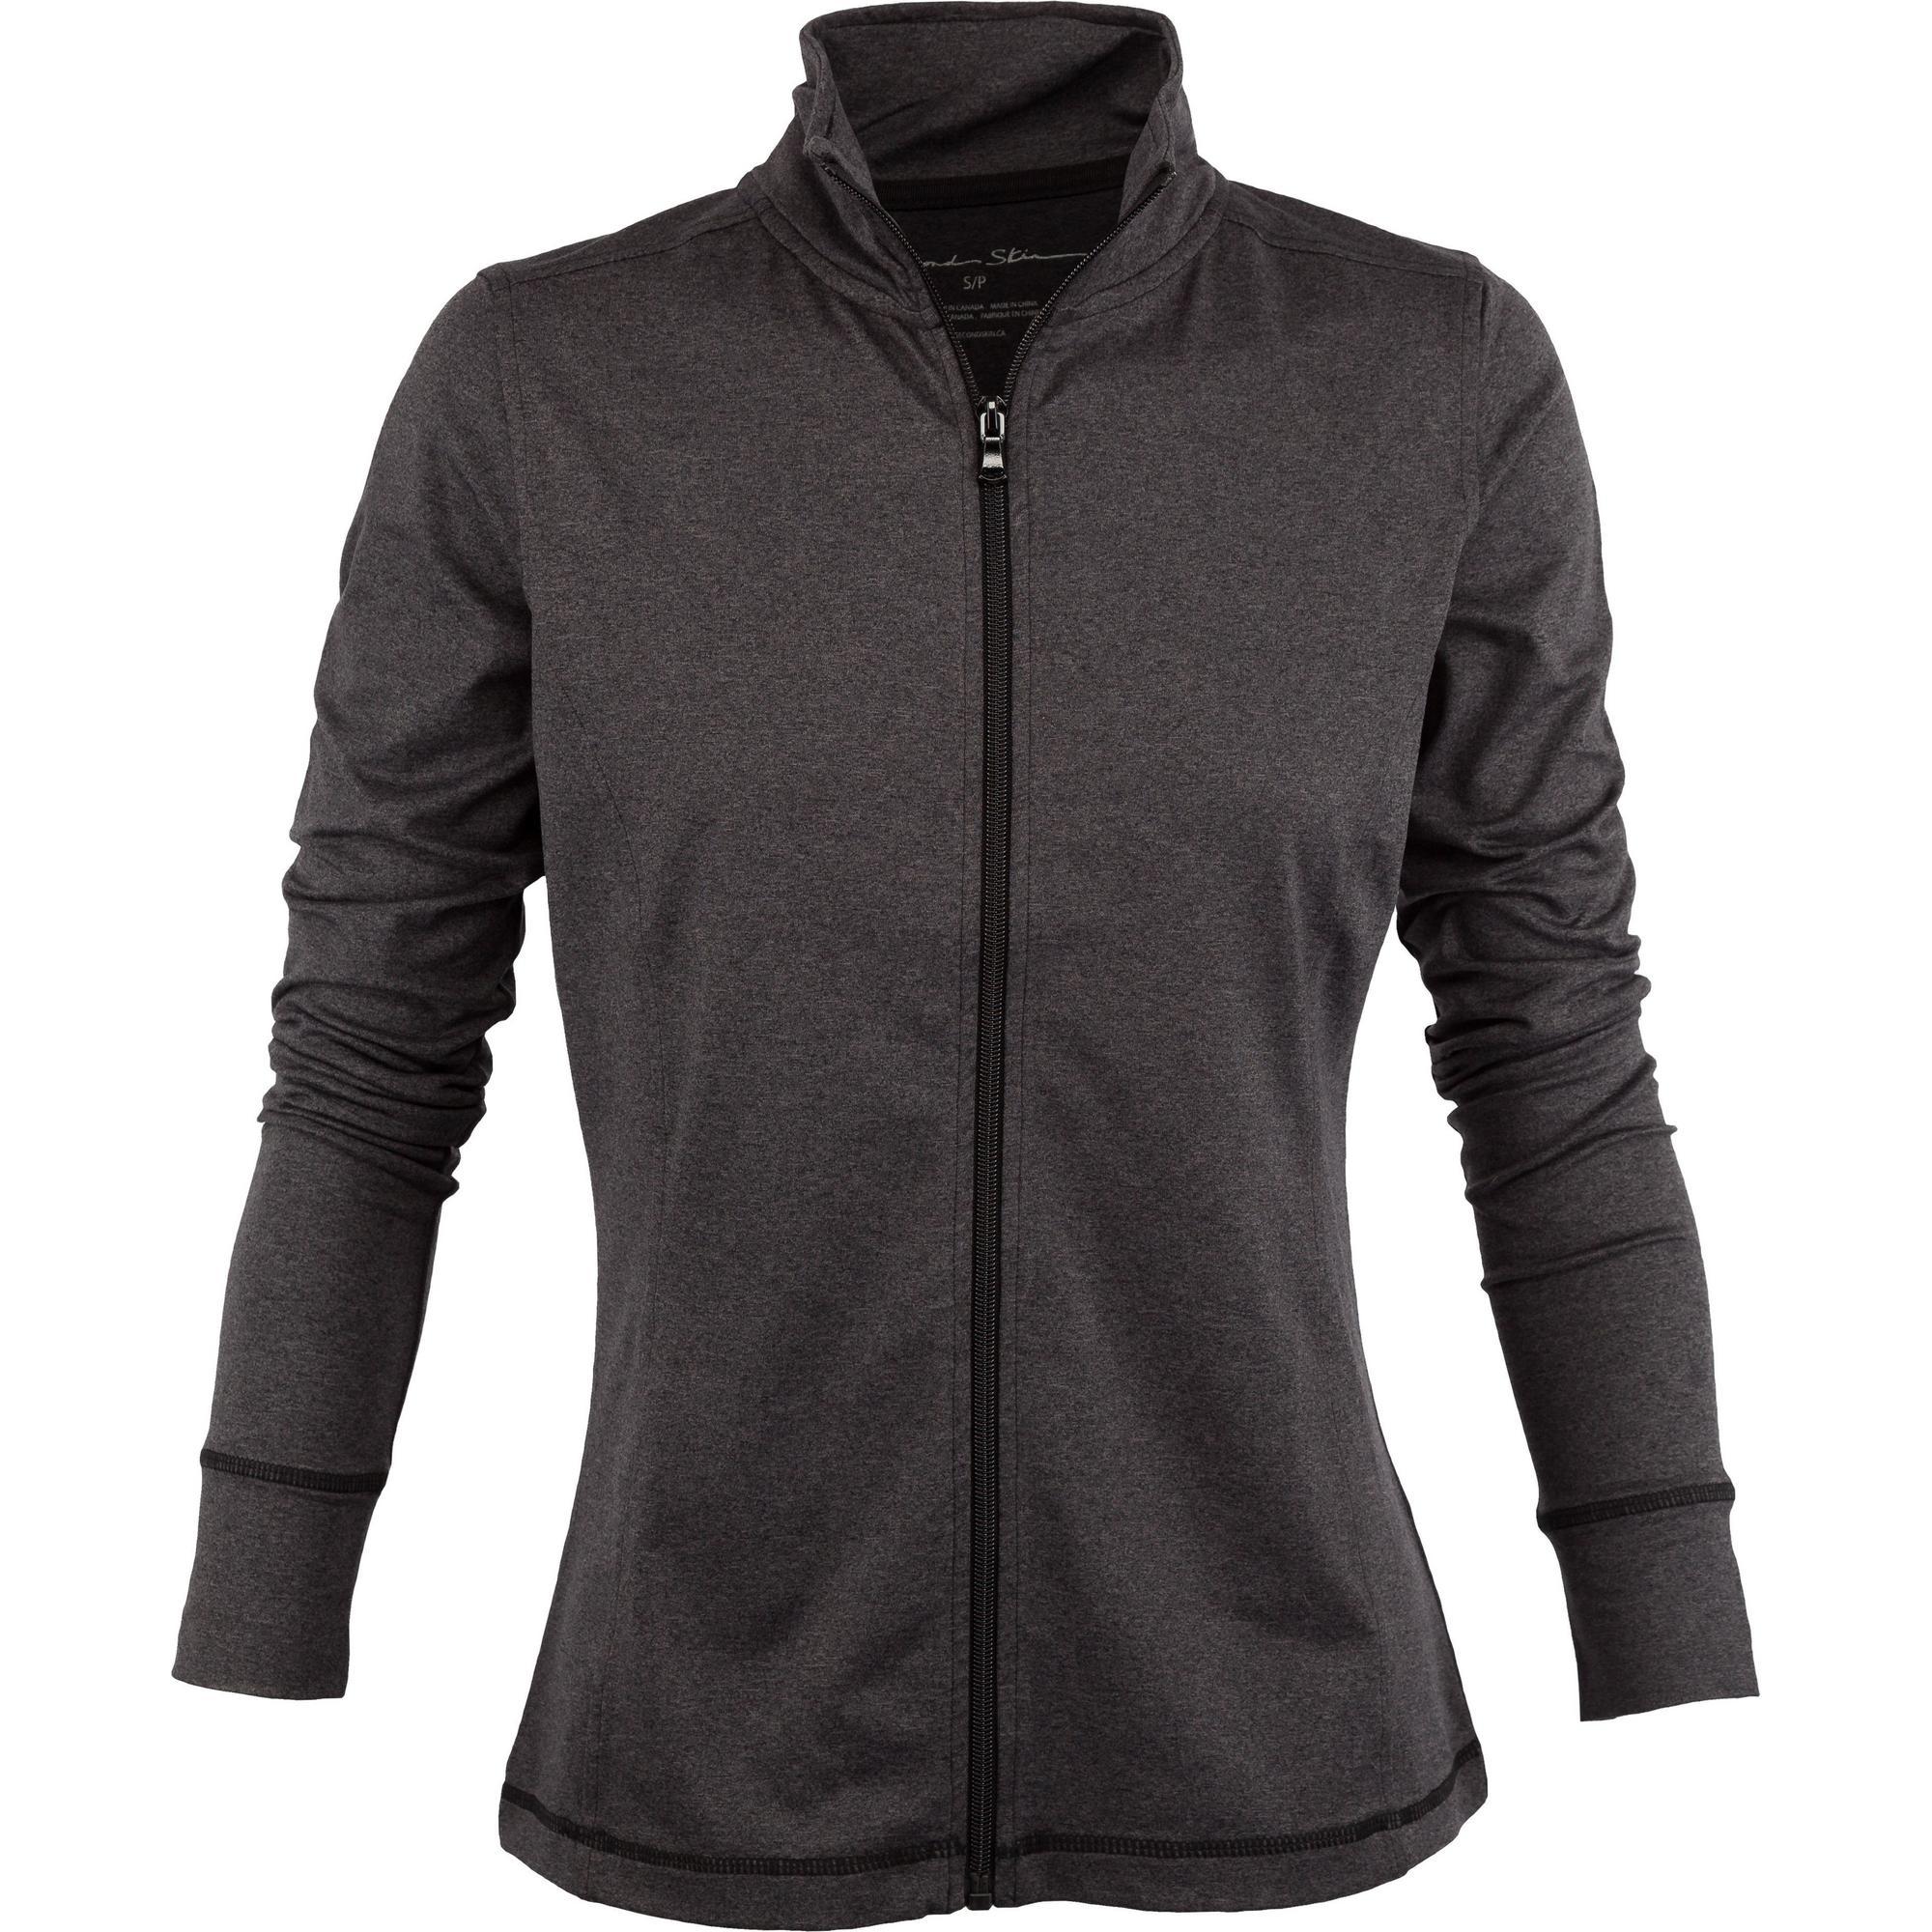 Women's Blend Full Zip Pullover